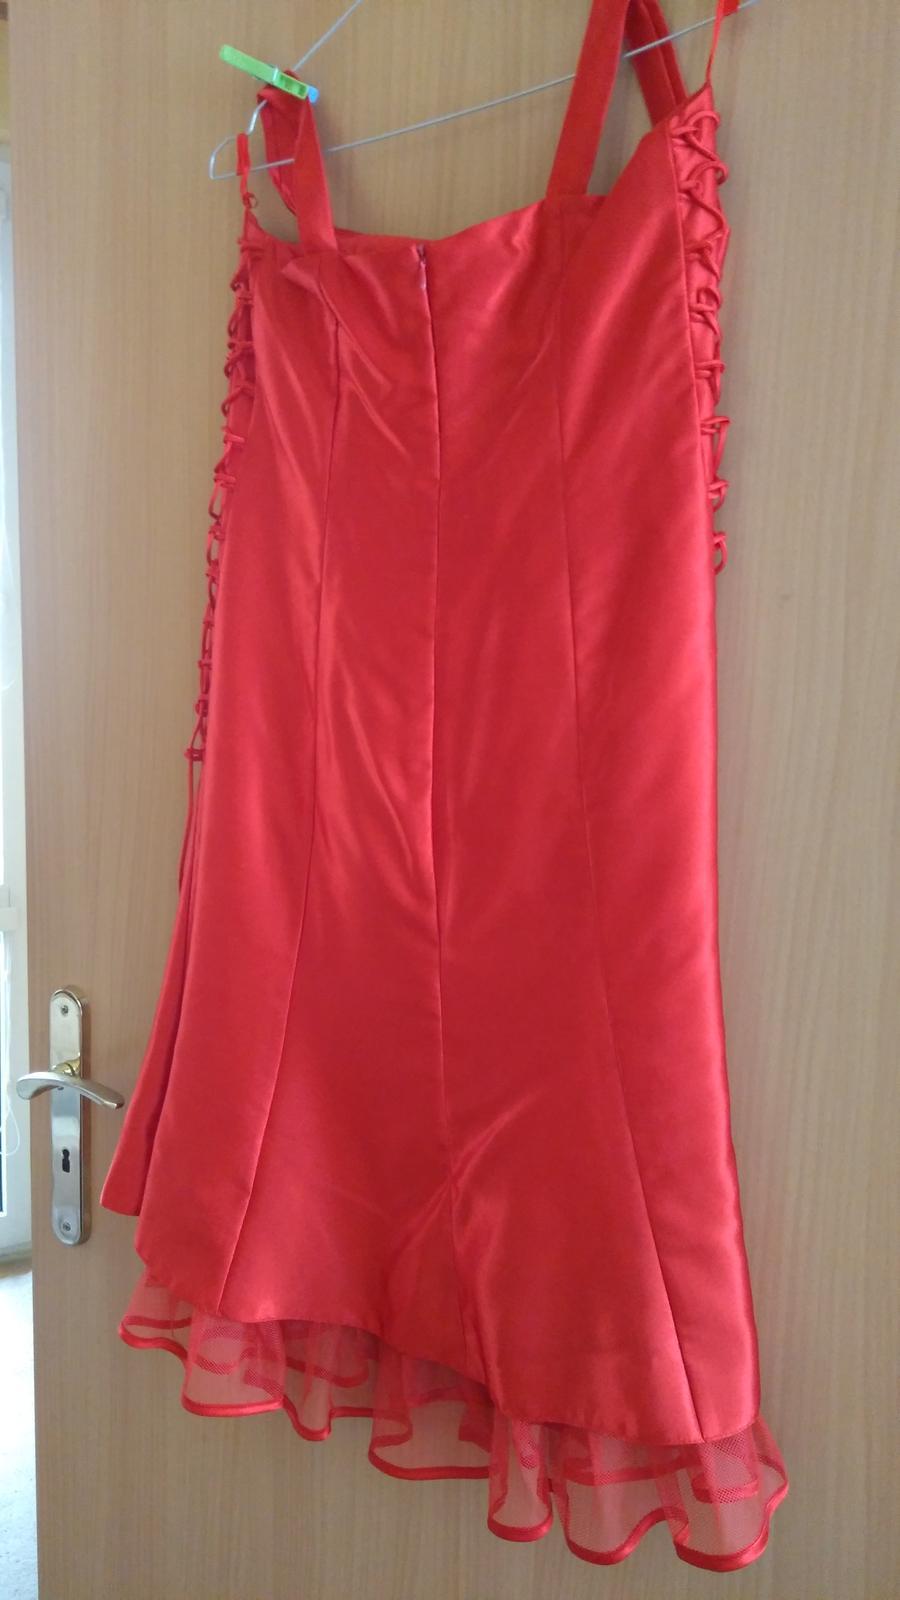 Spoločenské červené šaty veľkosť 42 - Obrázok č. 4